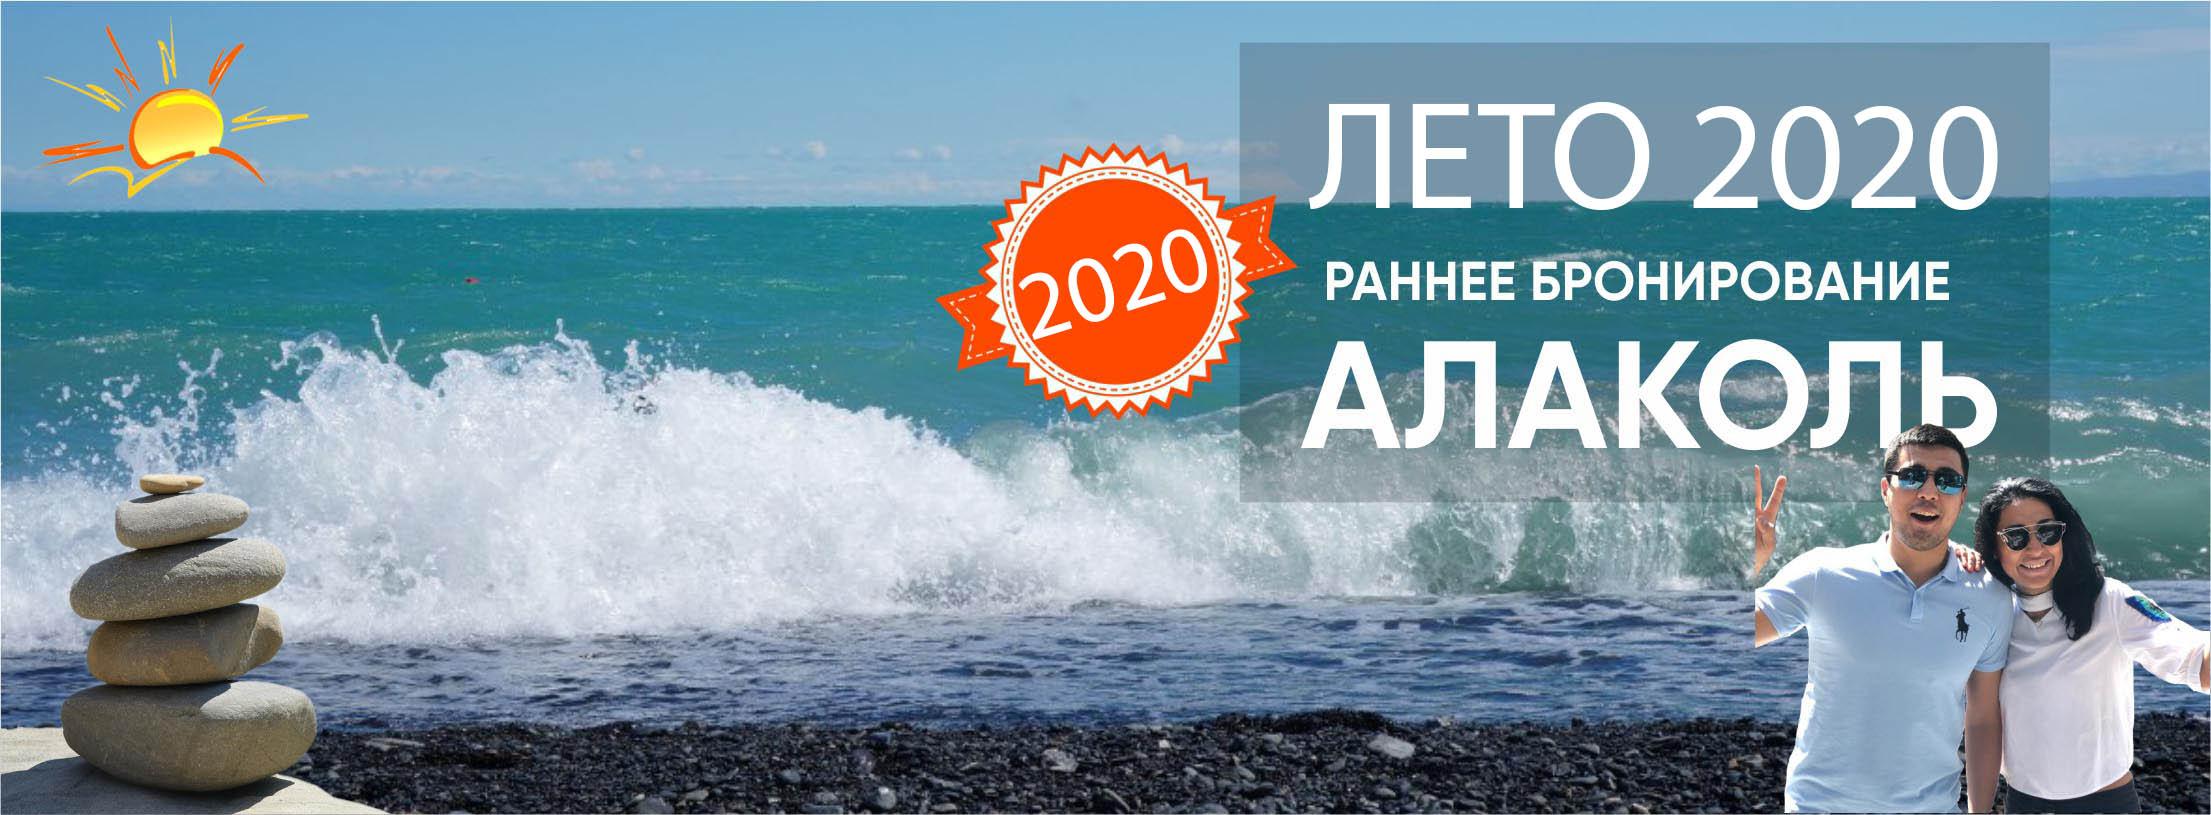 banner-na-glavnoi-alakolnew2020